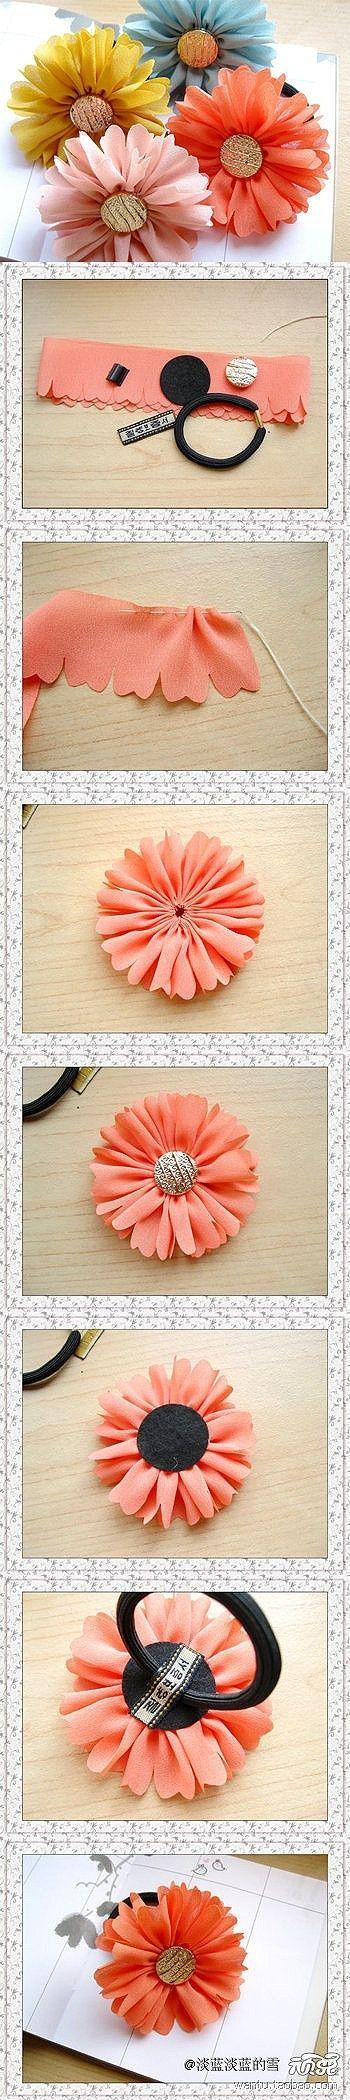 Blumenkranz für die Haare selber machen: 26 Anleitungen mit Gerbera, Rose und Gartenblumen – Haus Dekoration Mehr